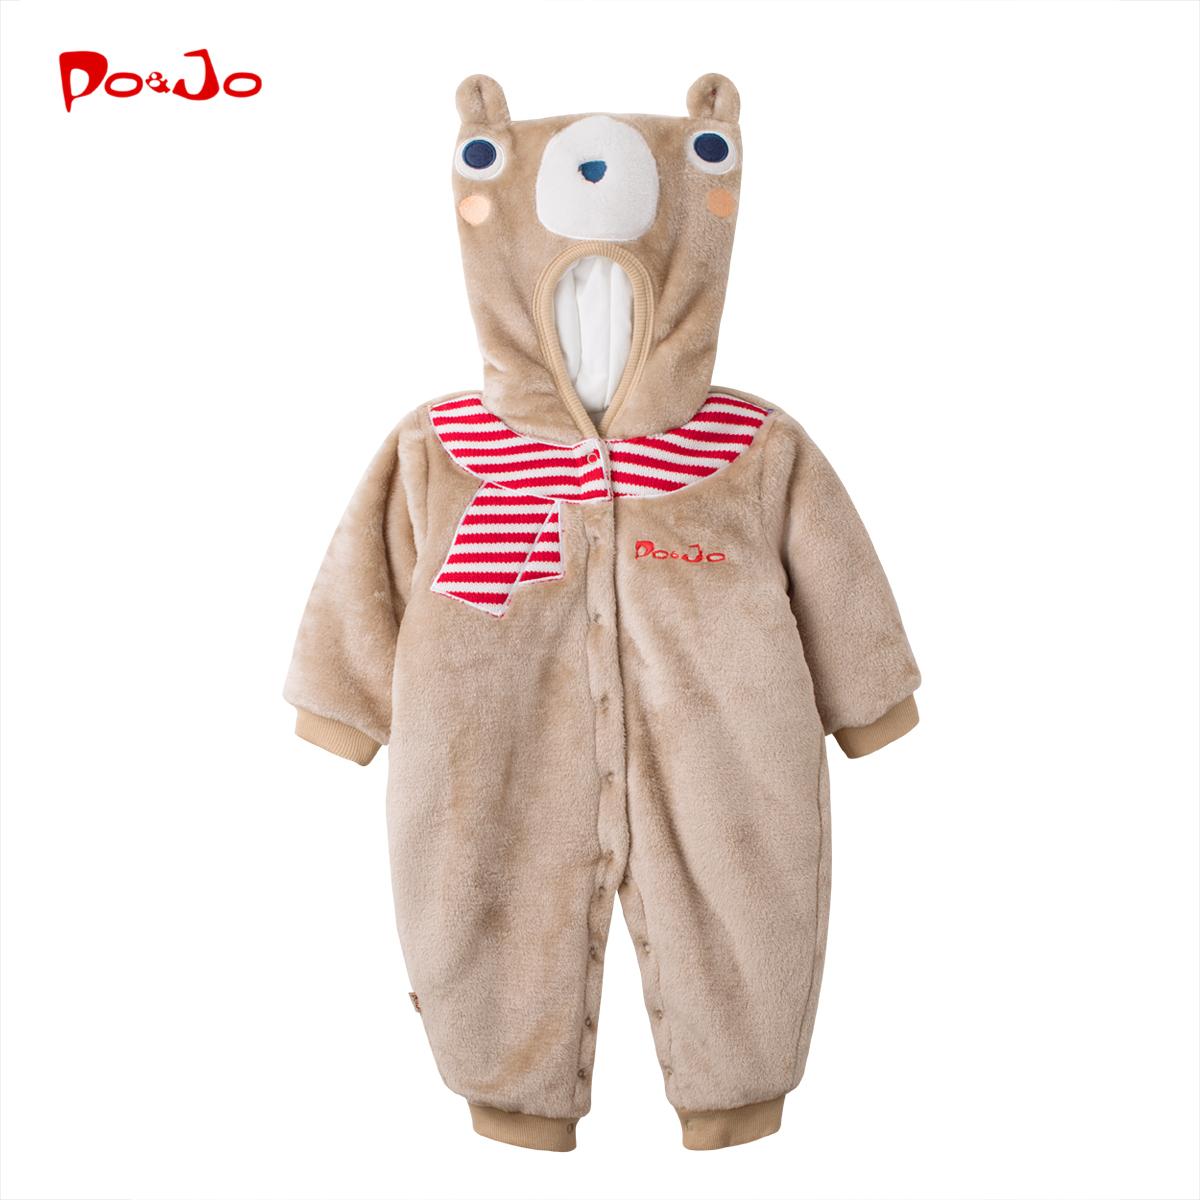 秋冬装婴儿宝宝动物造型连体衣新生儿外出服抱衣哈衣加绒保暖冬季